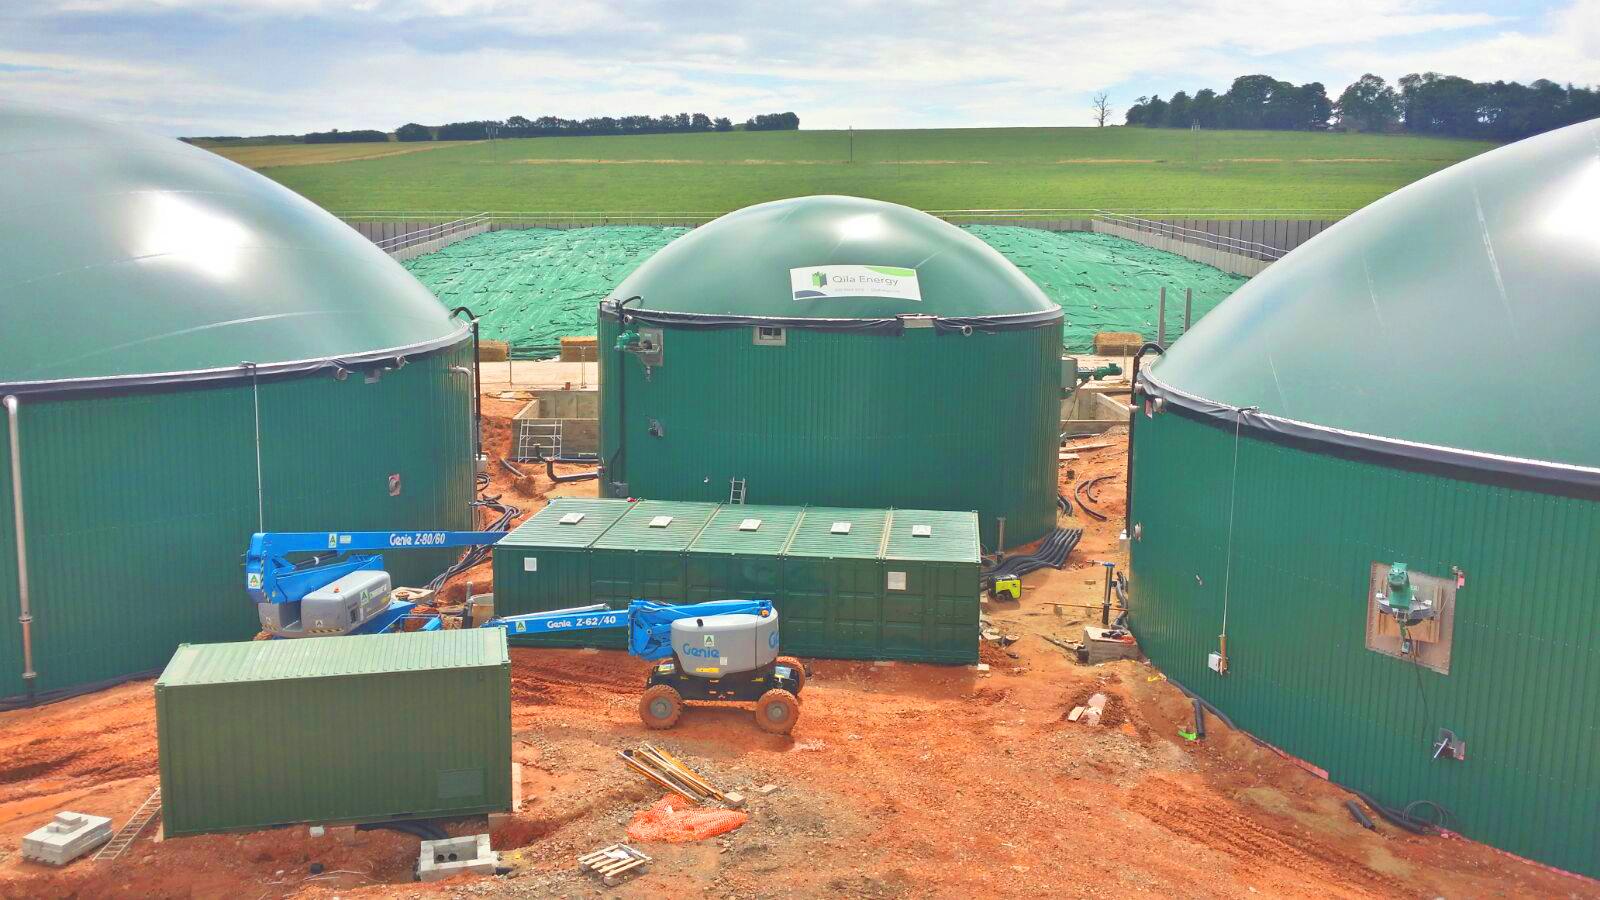 06 Instalación de Gasómetros-Planta de Biogás de 1MW en Stracathro Reino Unido